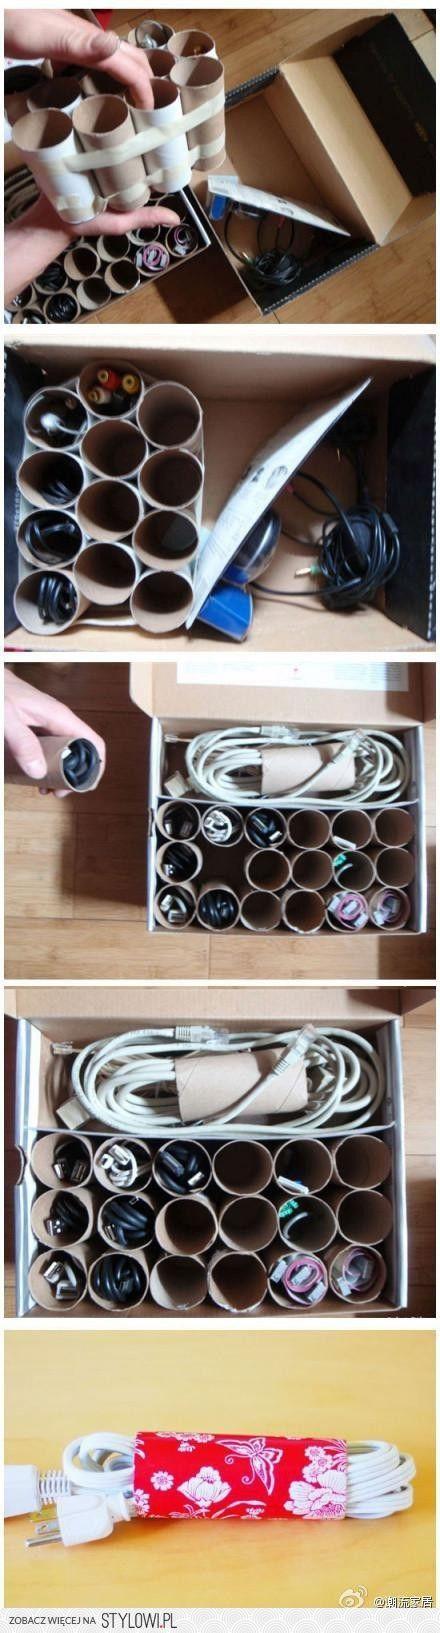 Fini les chargeurs et les fils qui trainent ! Astuce rangement simple mais efficace. Recyclage DIY